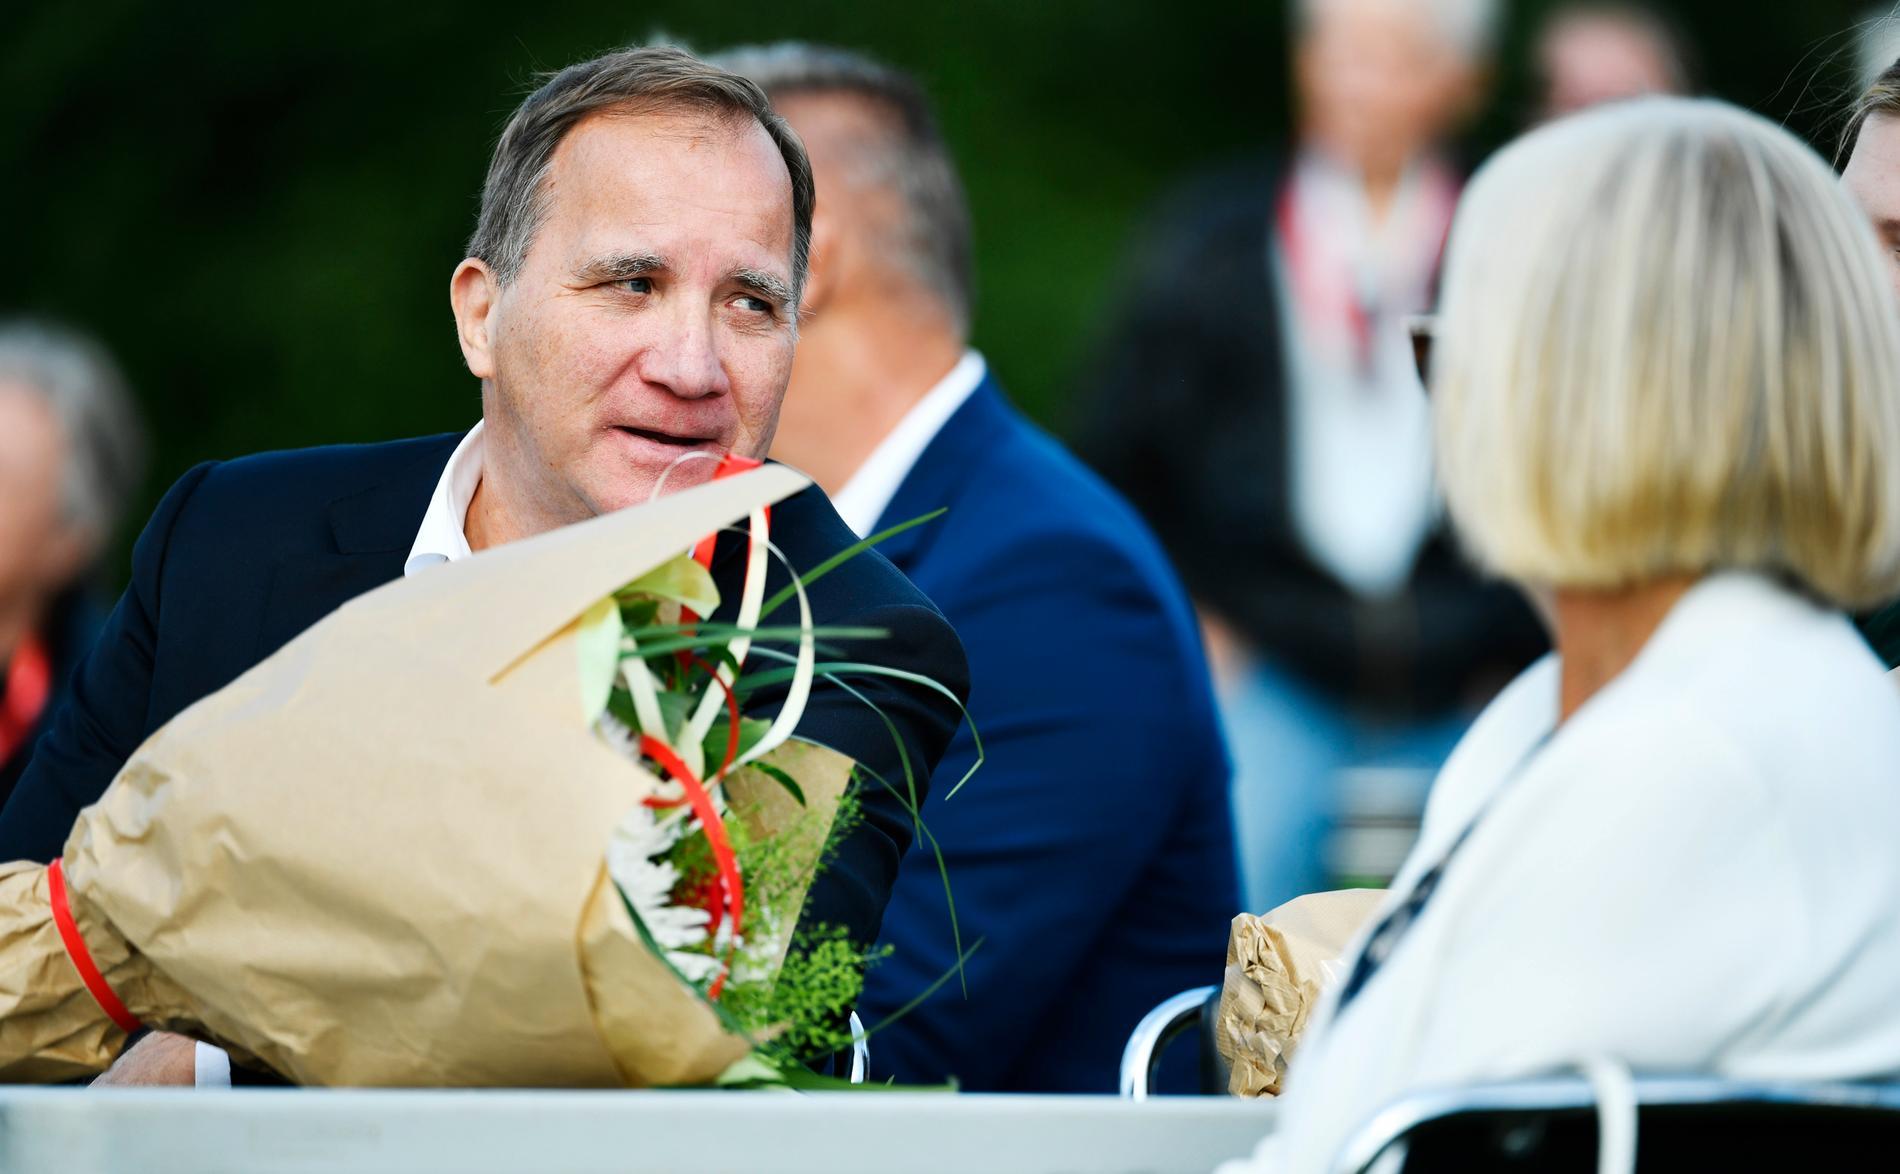 Snart får Stefan Löfven mer tid att umgås med hustrun Ulla. I sitt sommartal meddelade statsministern att han kommer att avgå i höst.